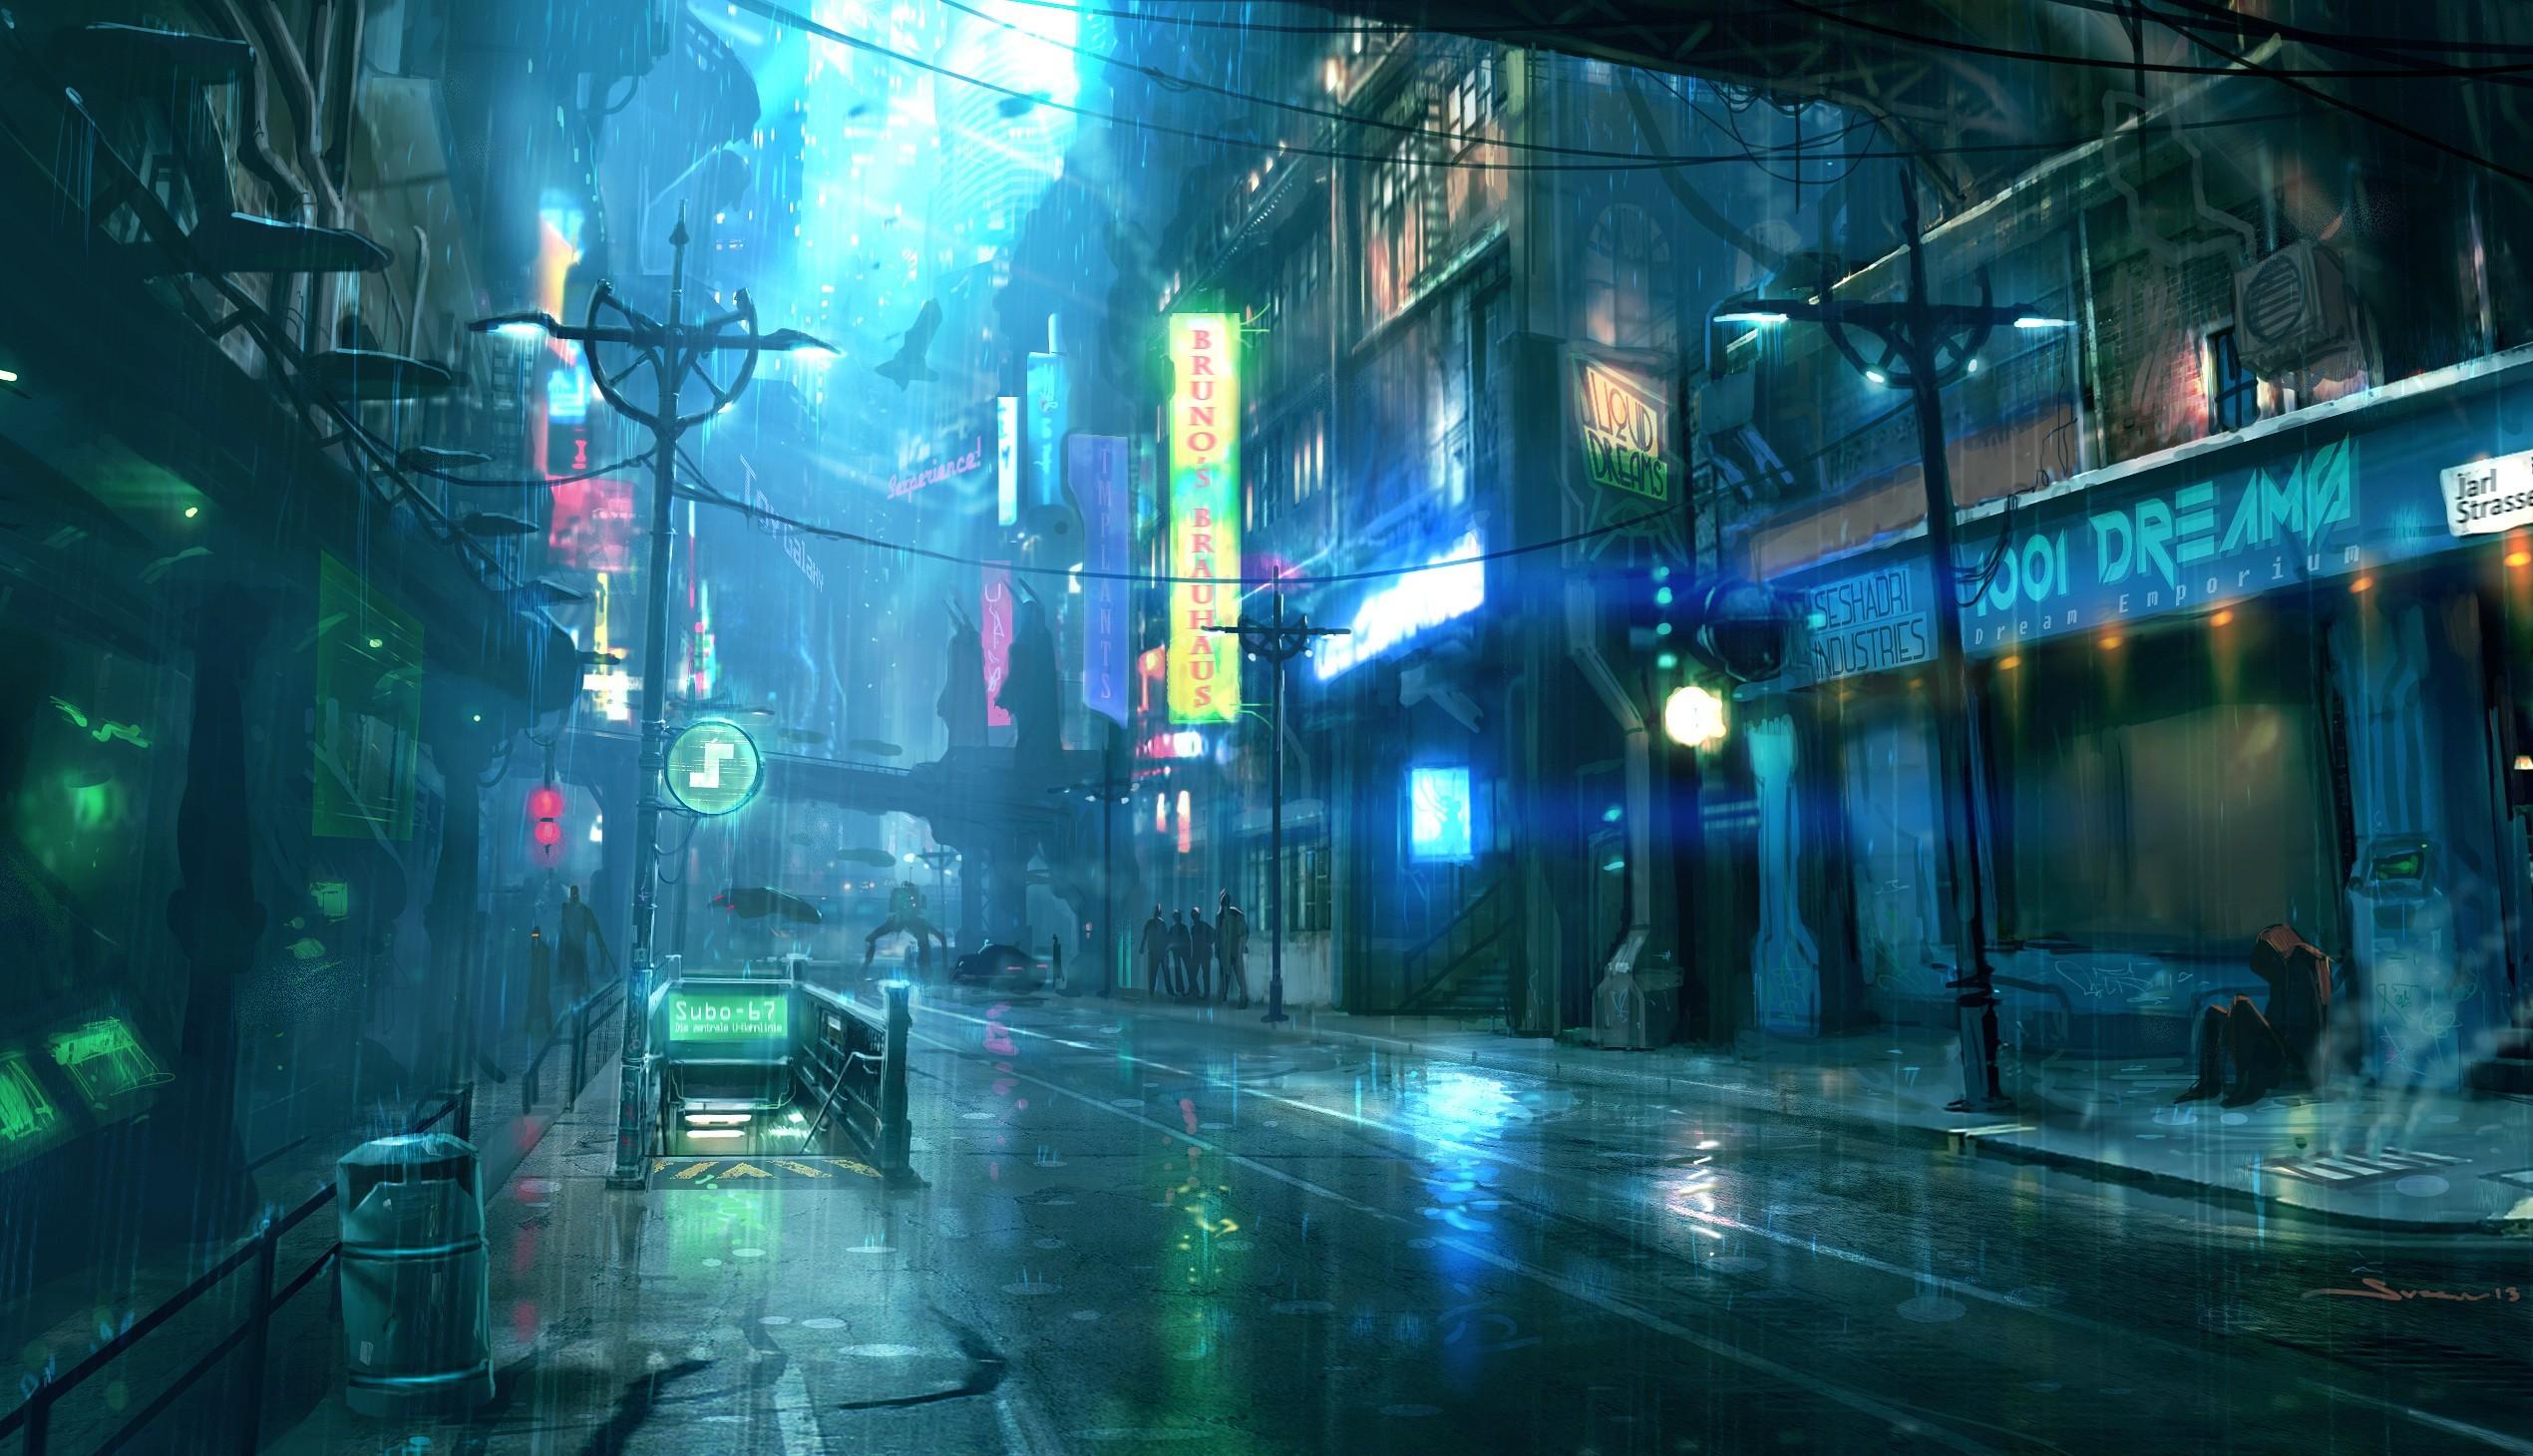 Rain City Wallpapers Desktop Background